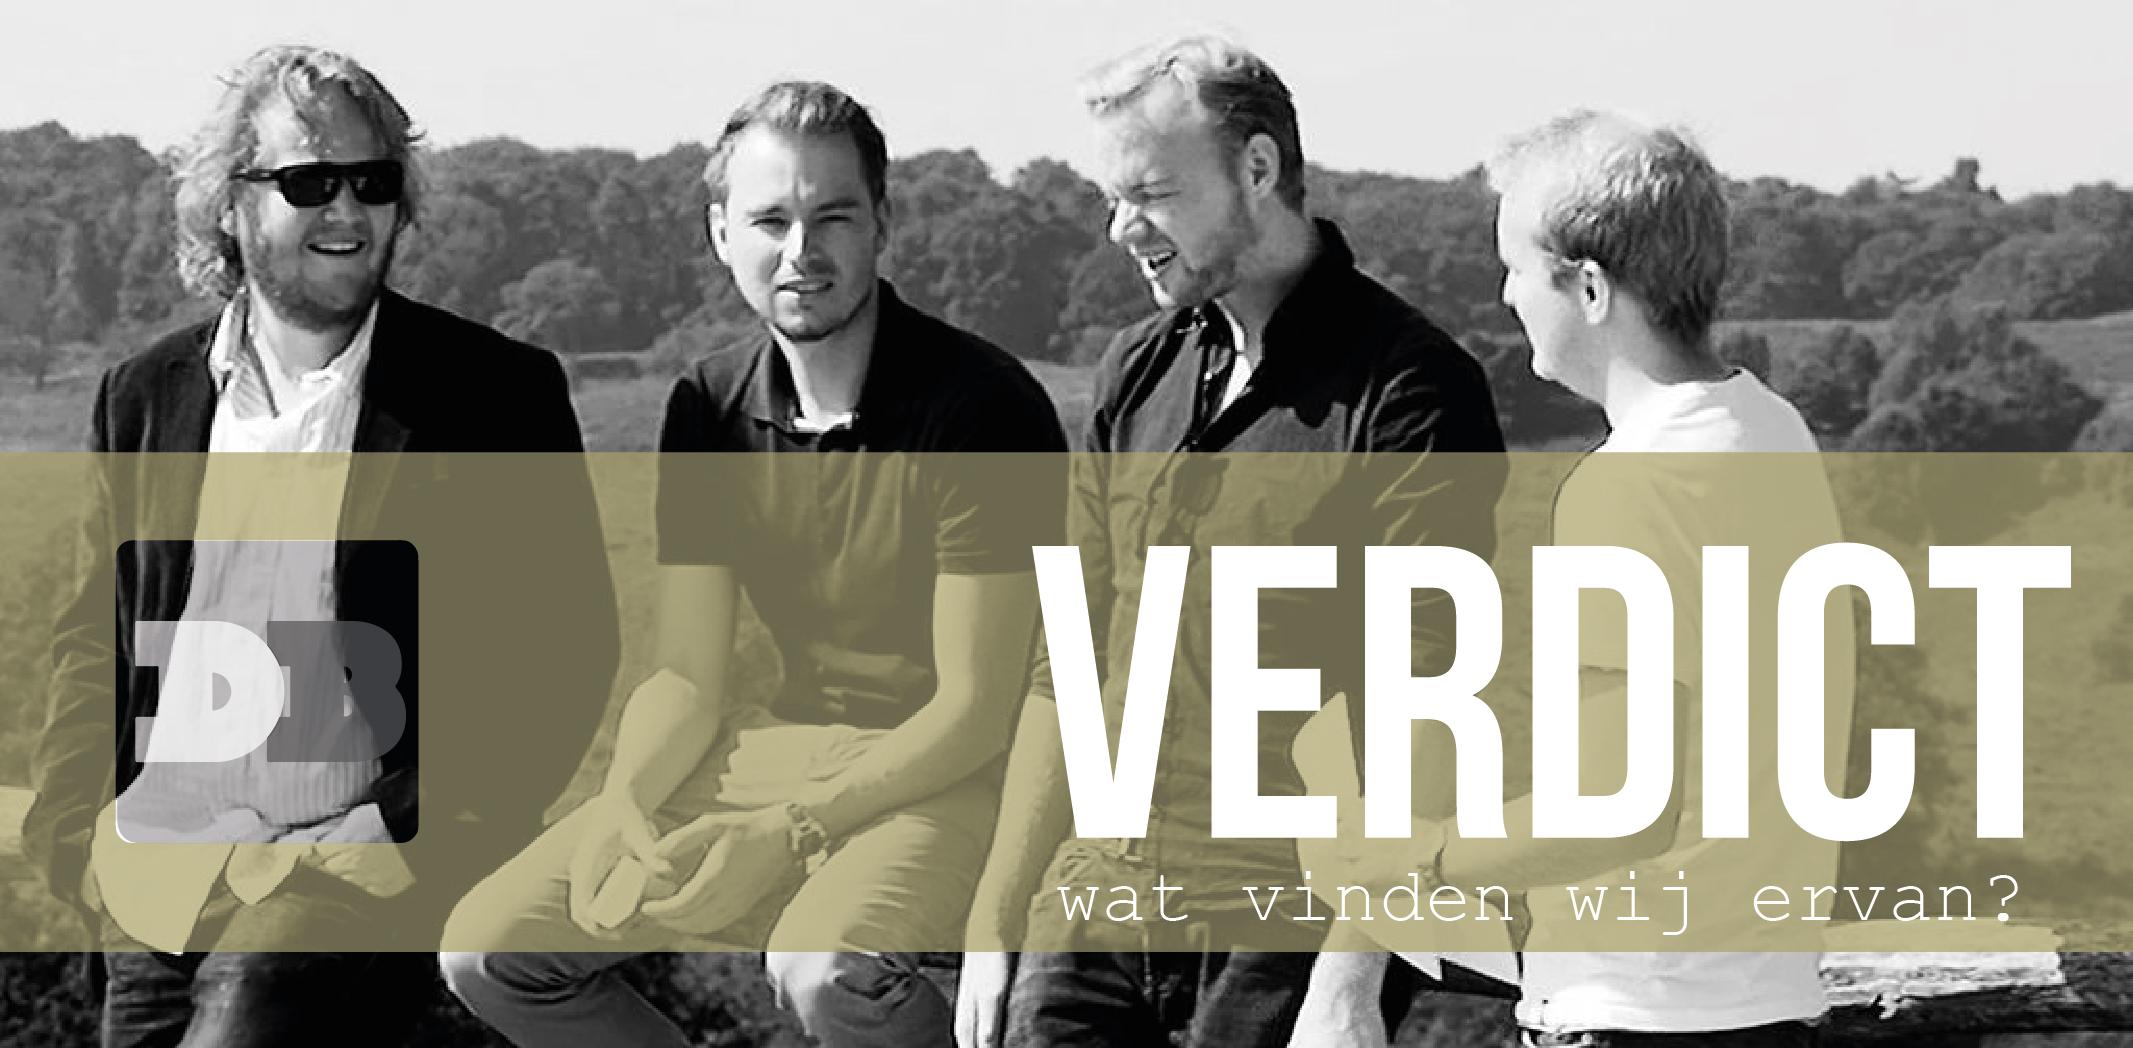 db-verdict-01-01